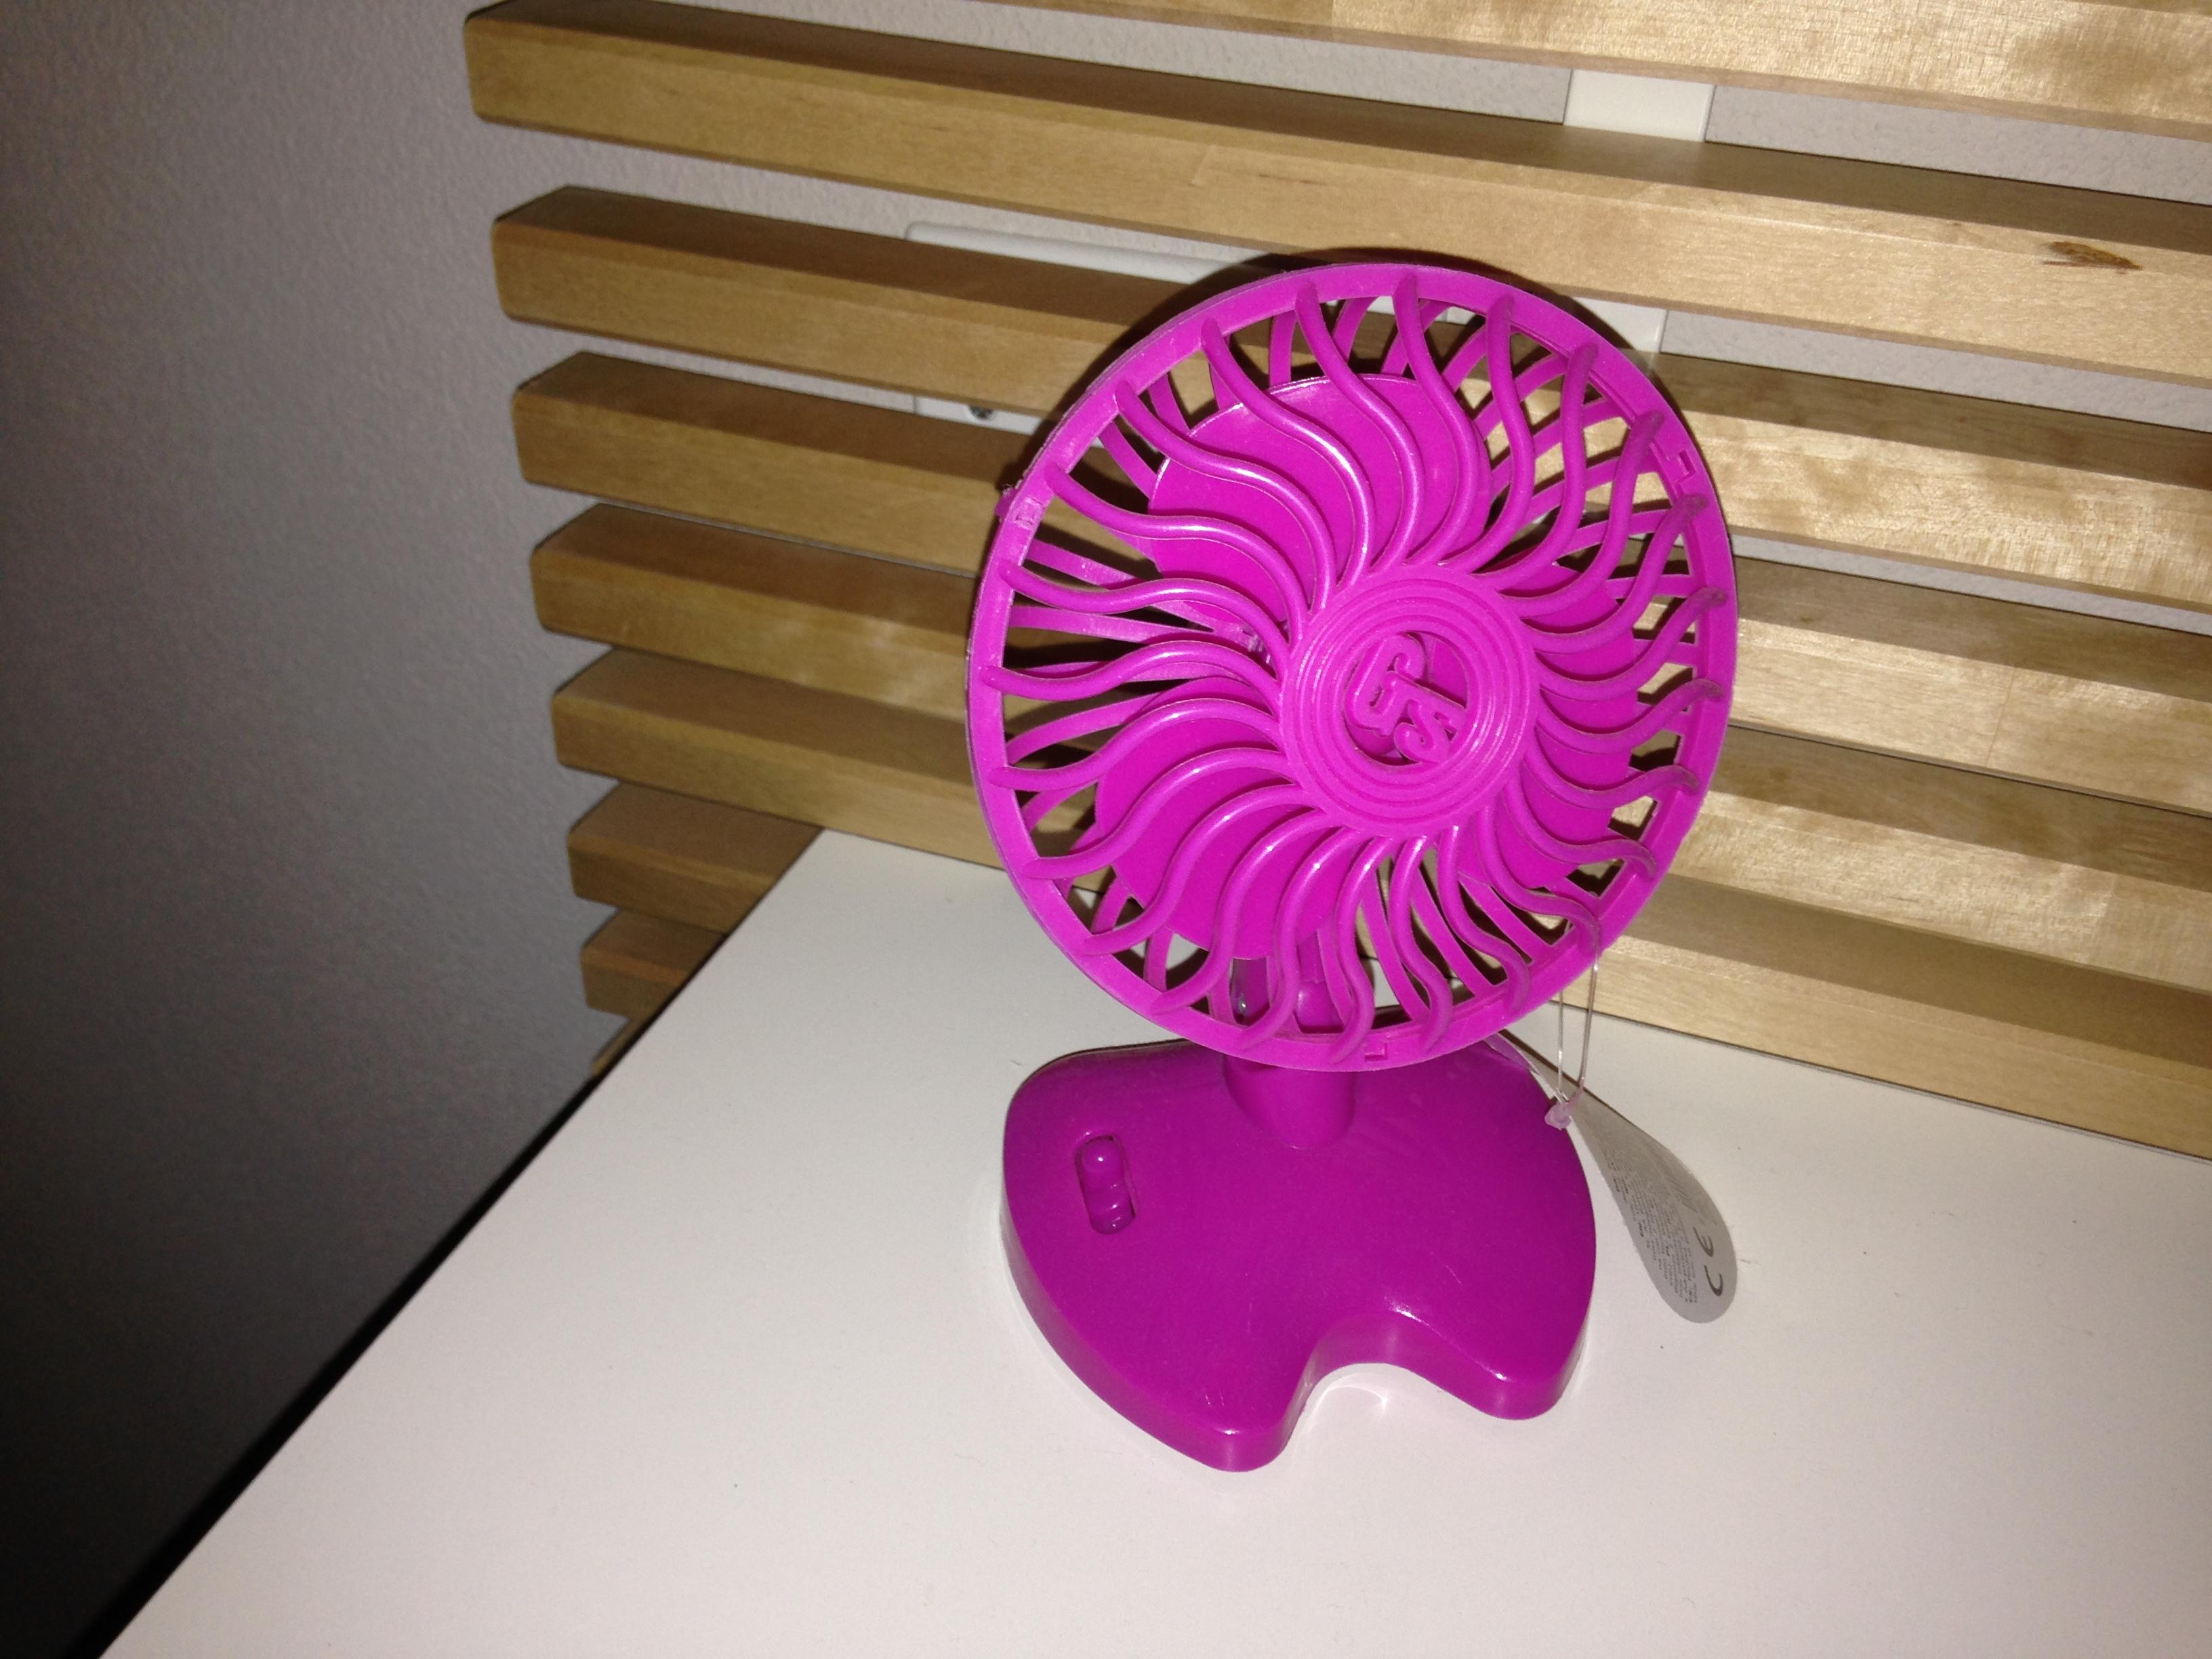 File mini ventilatore da tavolo g wikimedia commons